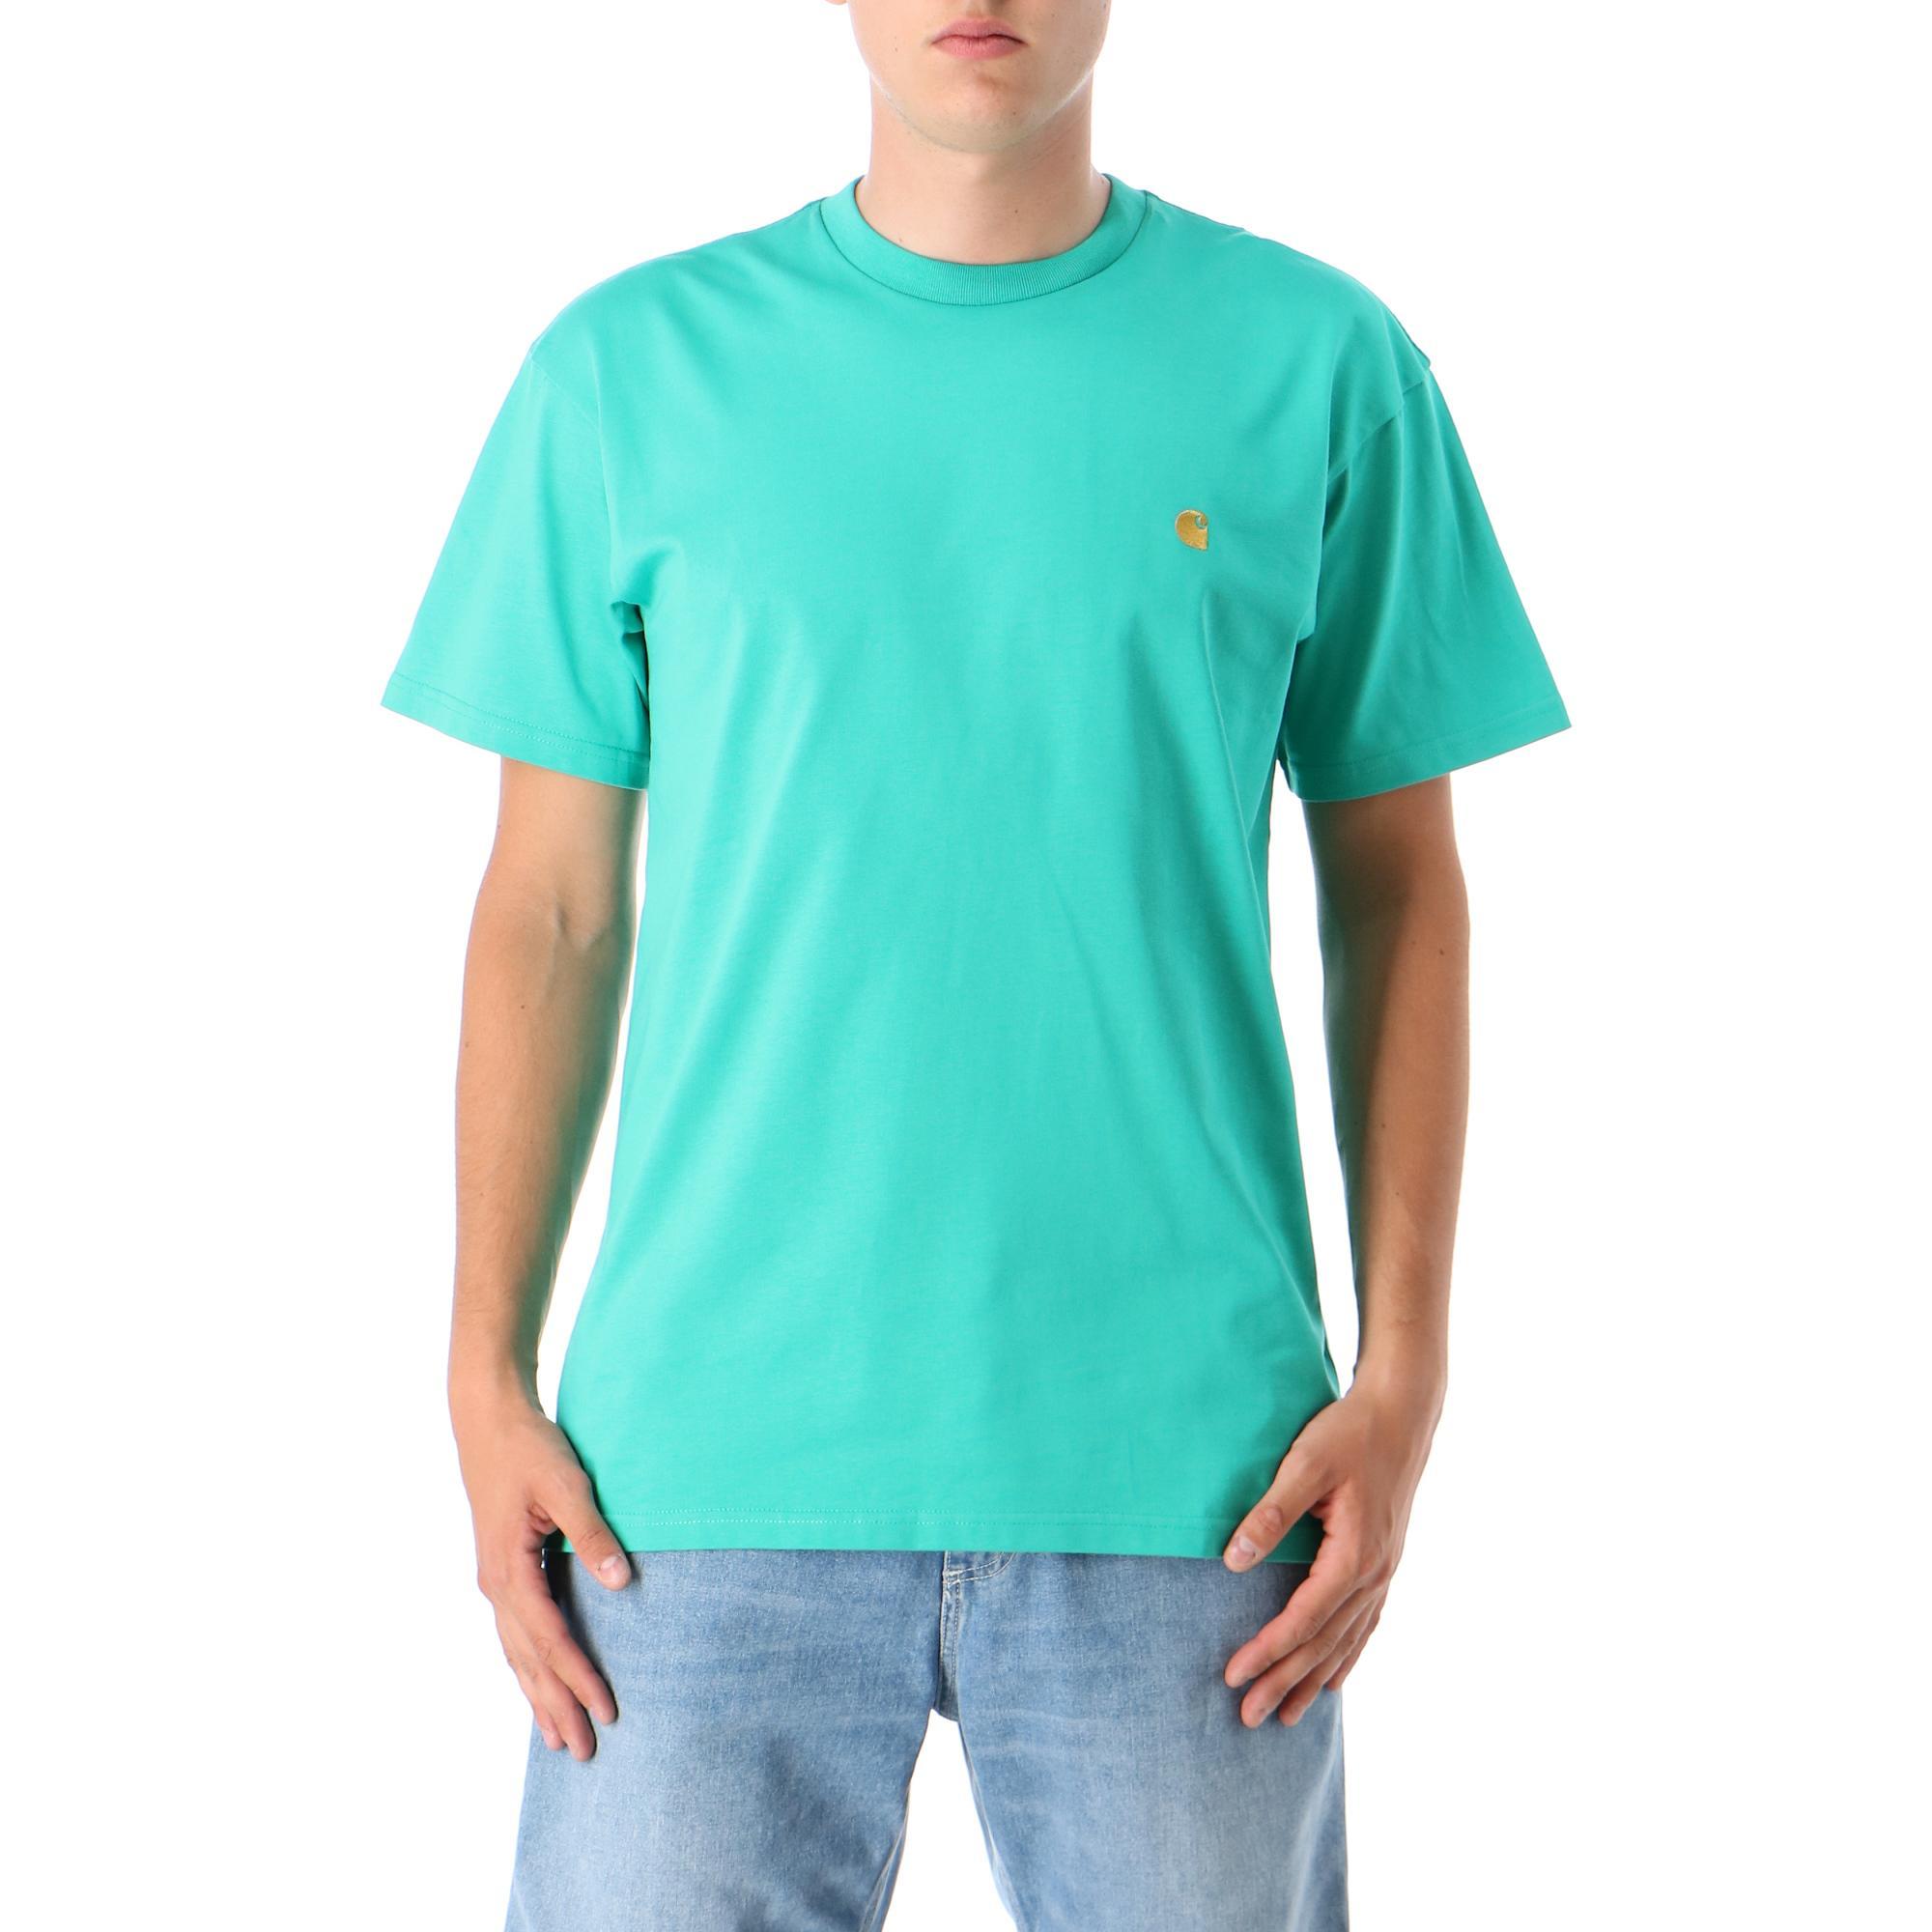 Carhartt S/s Chase T-shirt Yoda gold